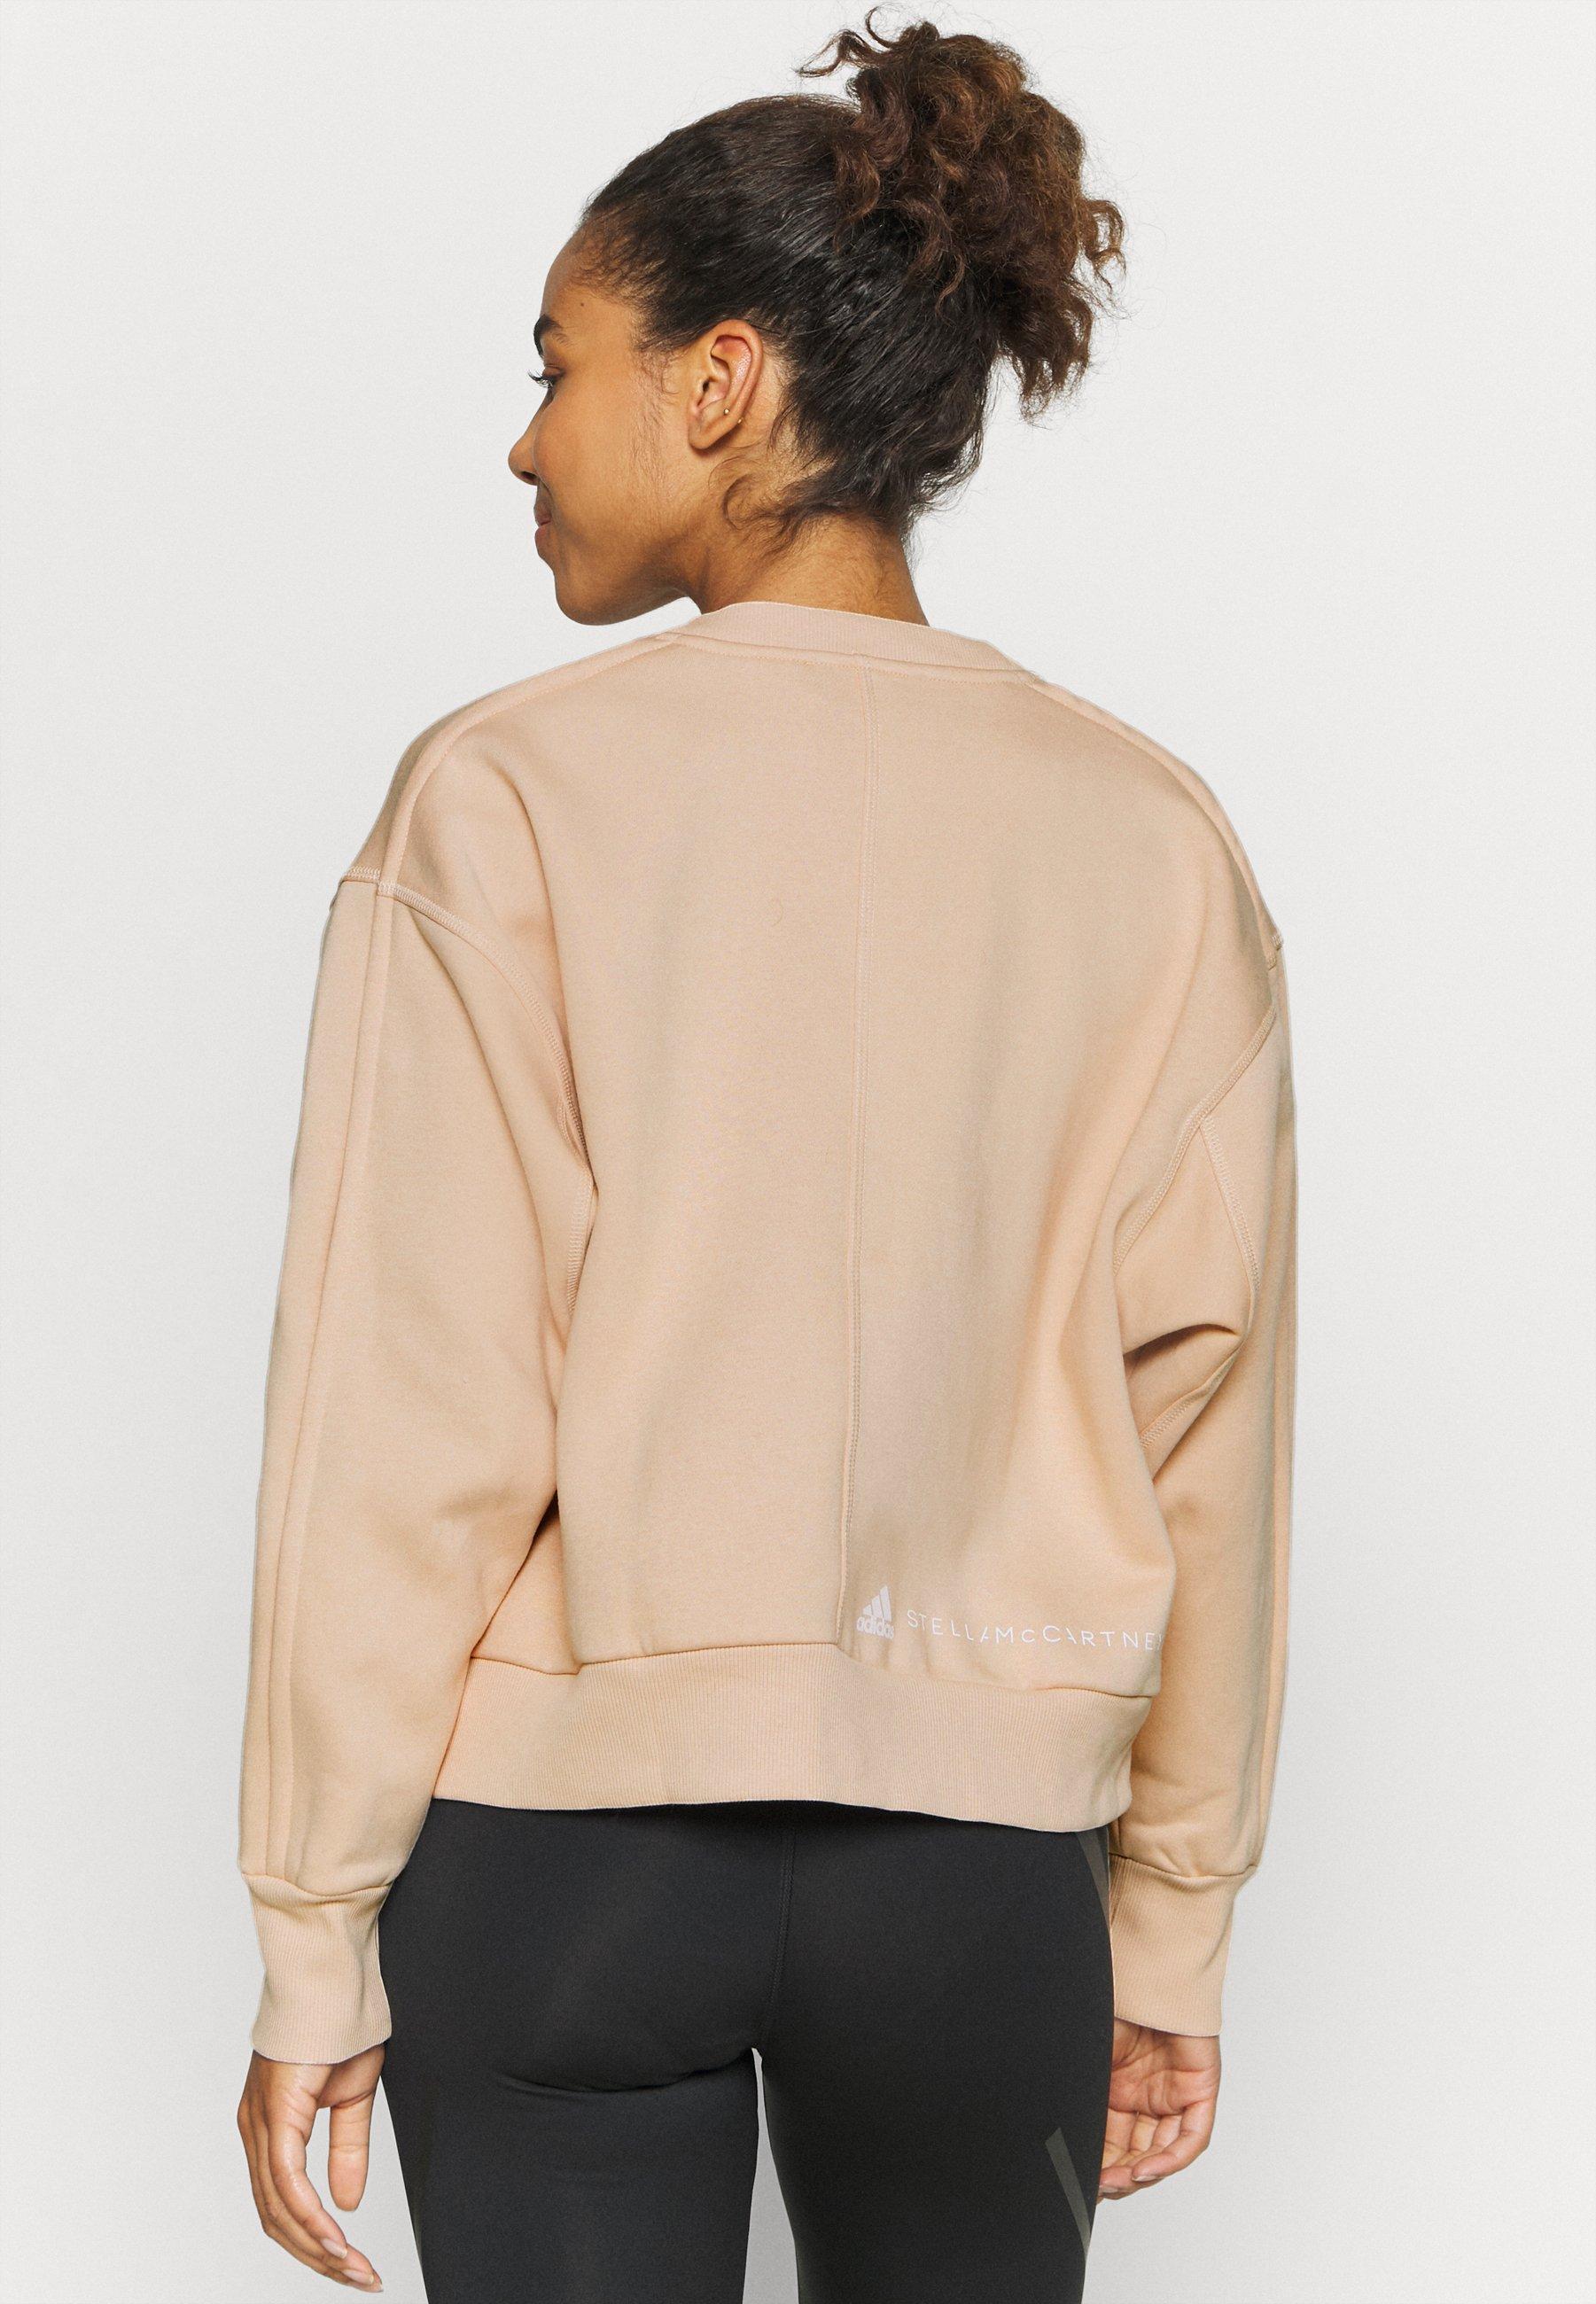 adidas by Stella McCartney Sweatshirt - soft powder u85av